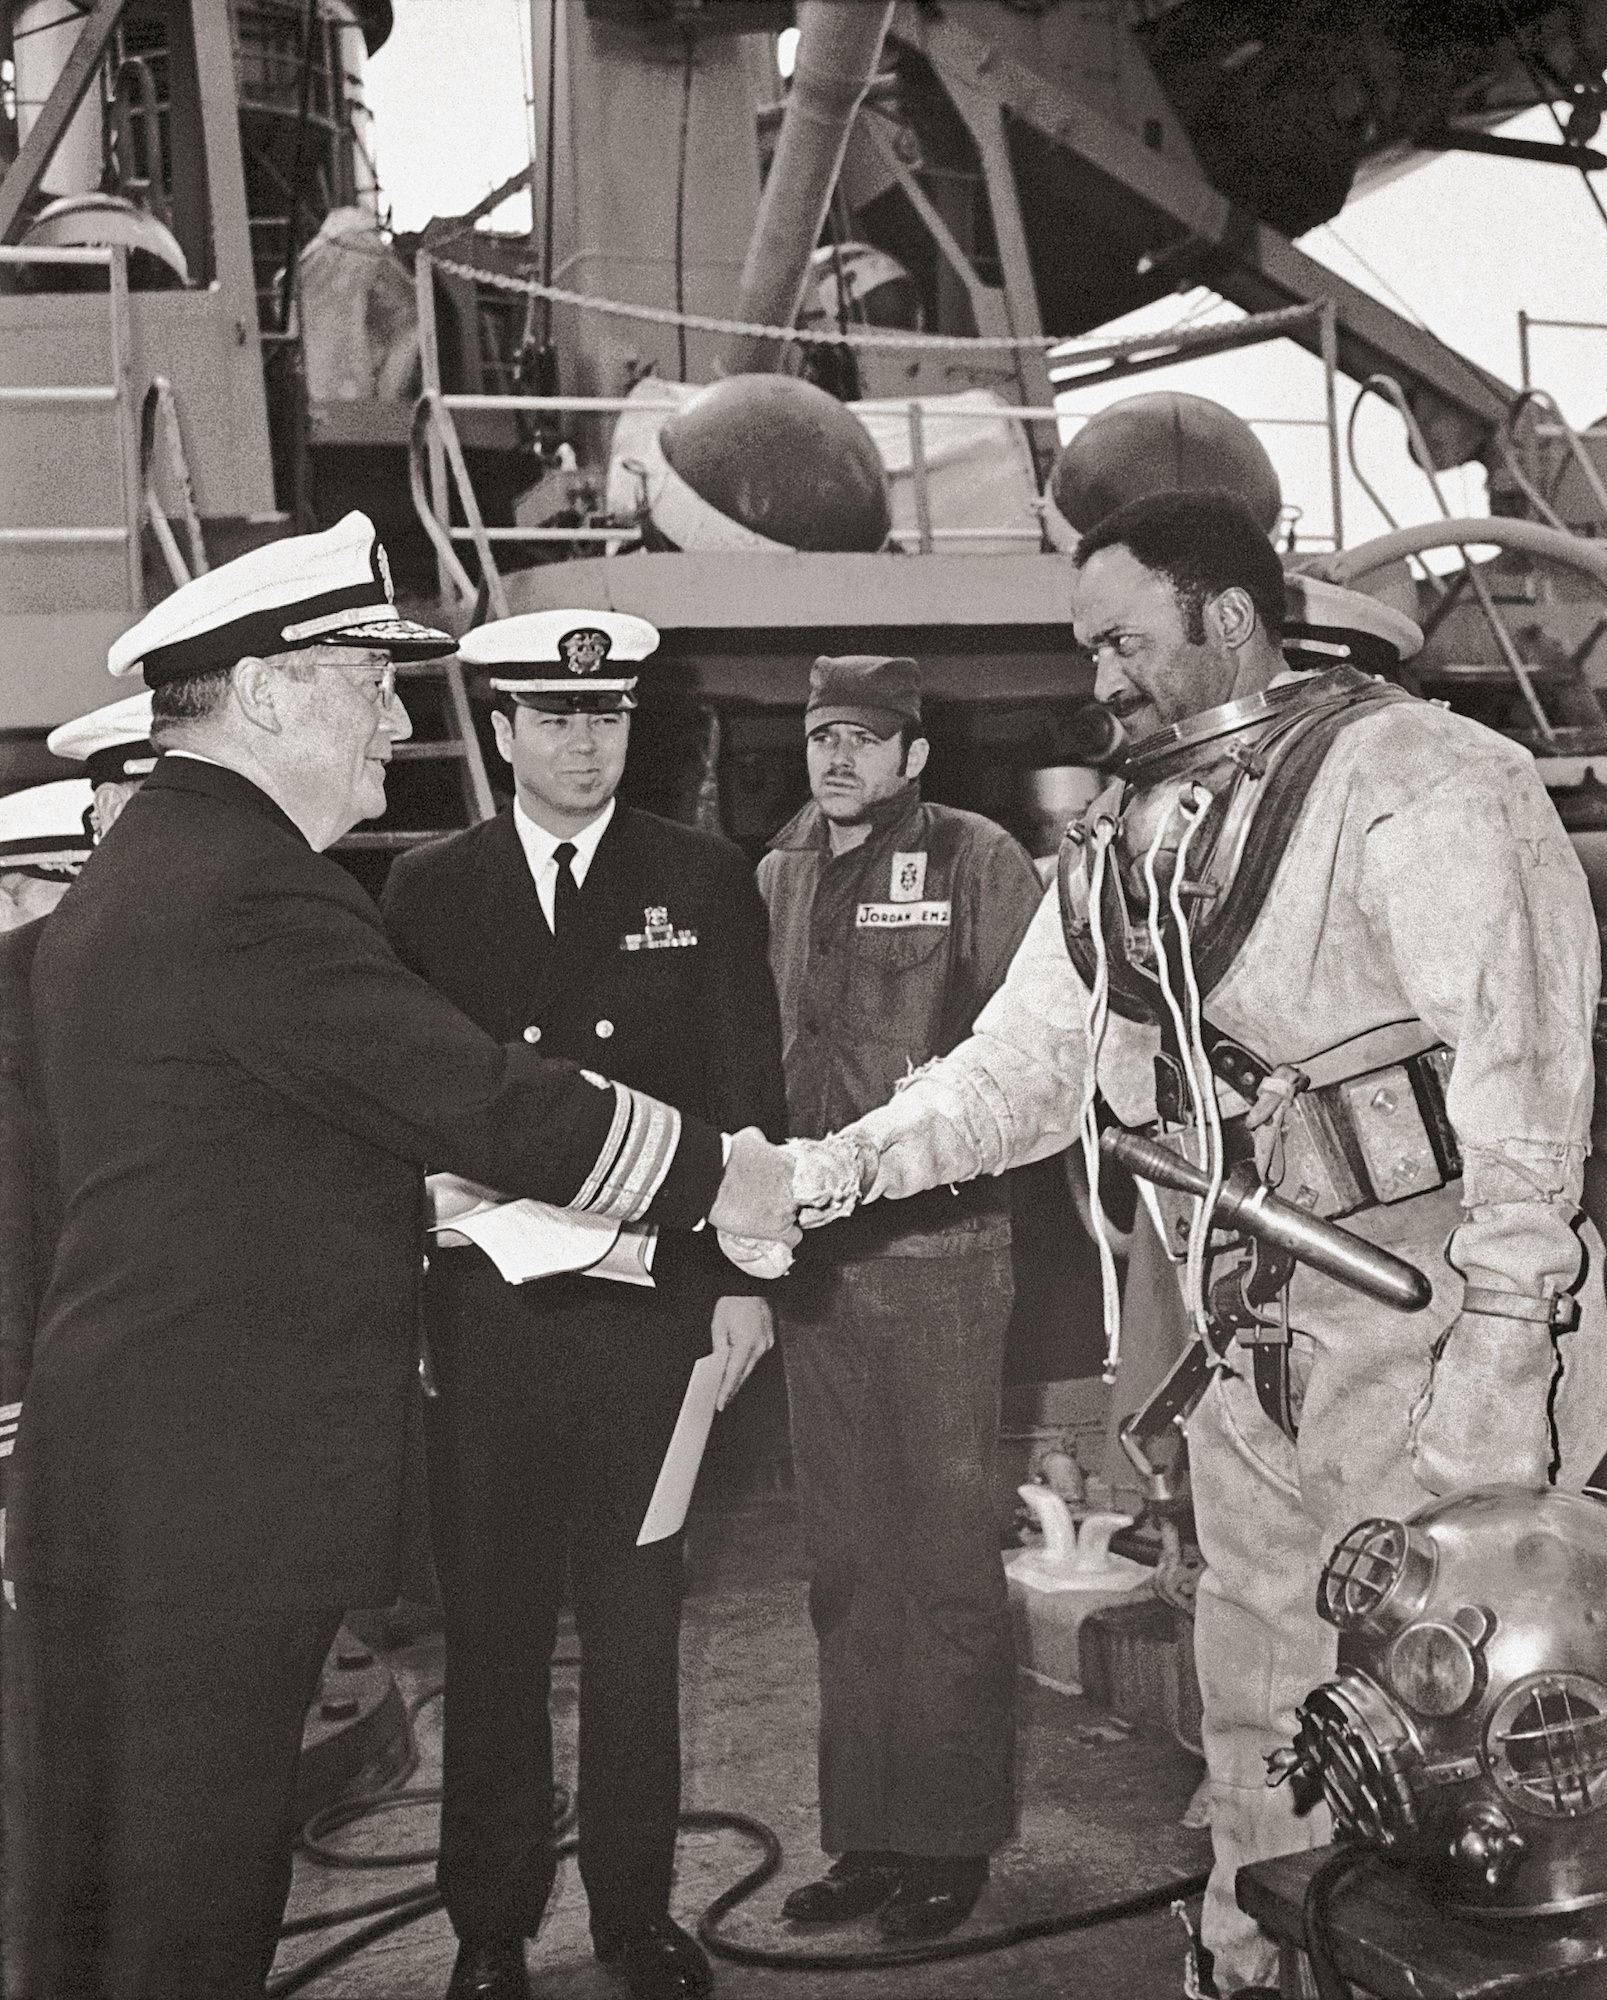 Carl Brashear rencontre le président Harry S. Truman, qui abolit la ségrégation dans les forces armées américaines